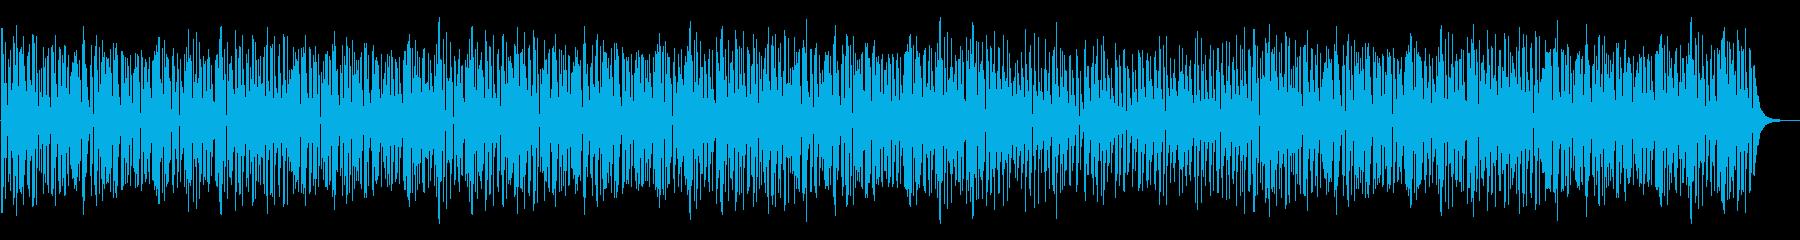 YouTube 口笛・ウクレレ・日常の再生済みの波形